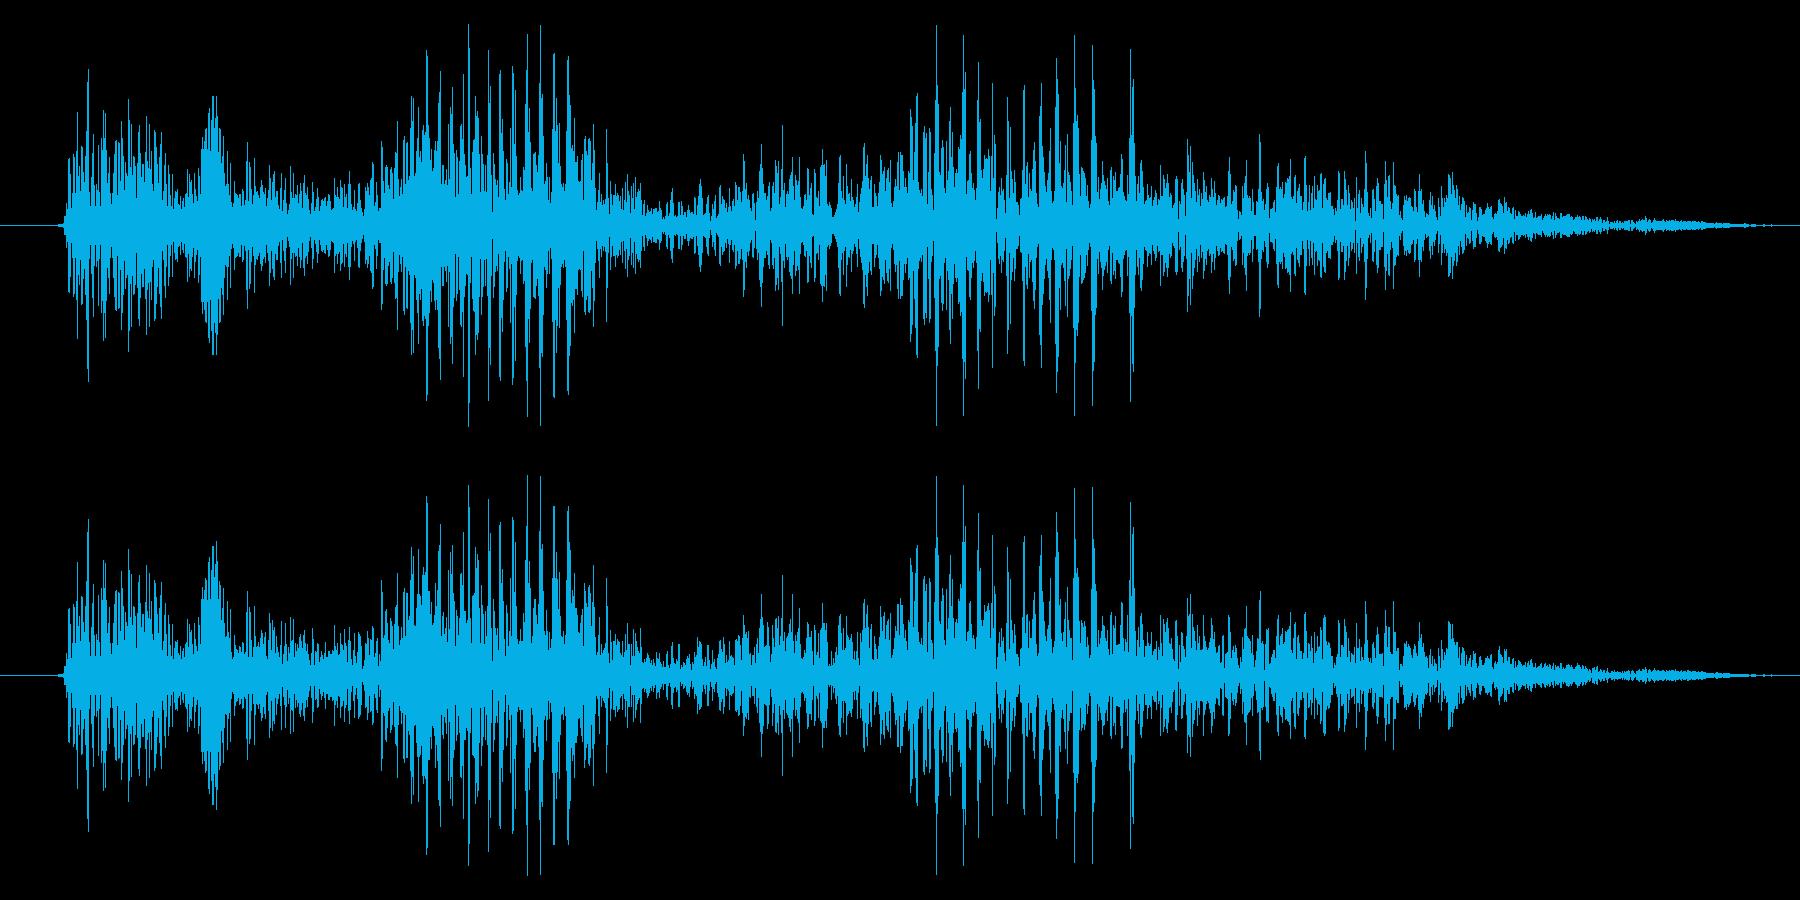 ドラゴン モンスター キャラタップ 喜びの再生済みの波形